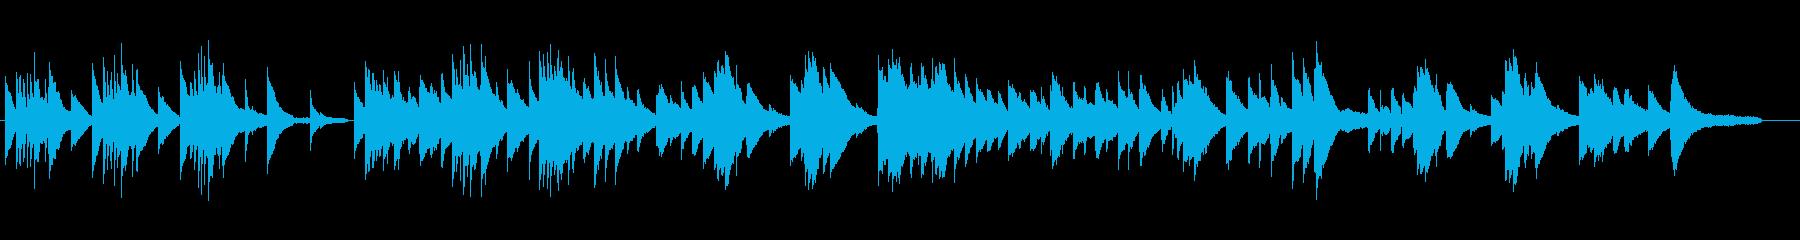 春の縁側 ピアノソロの再生済みの波形